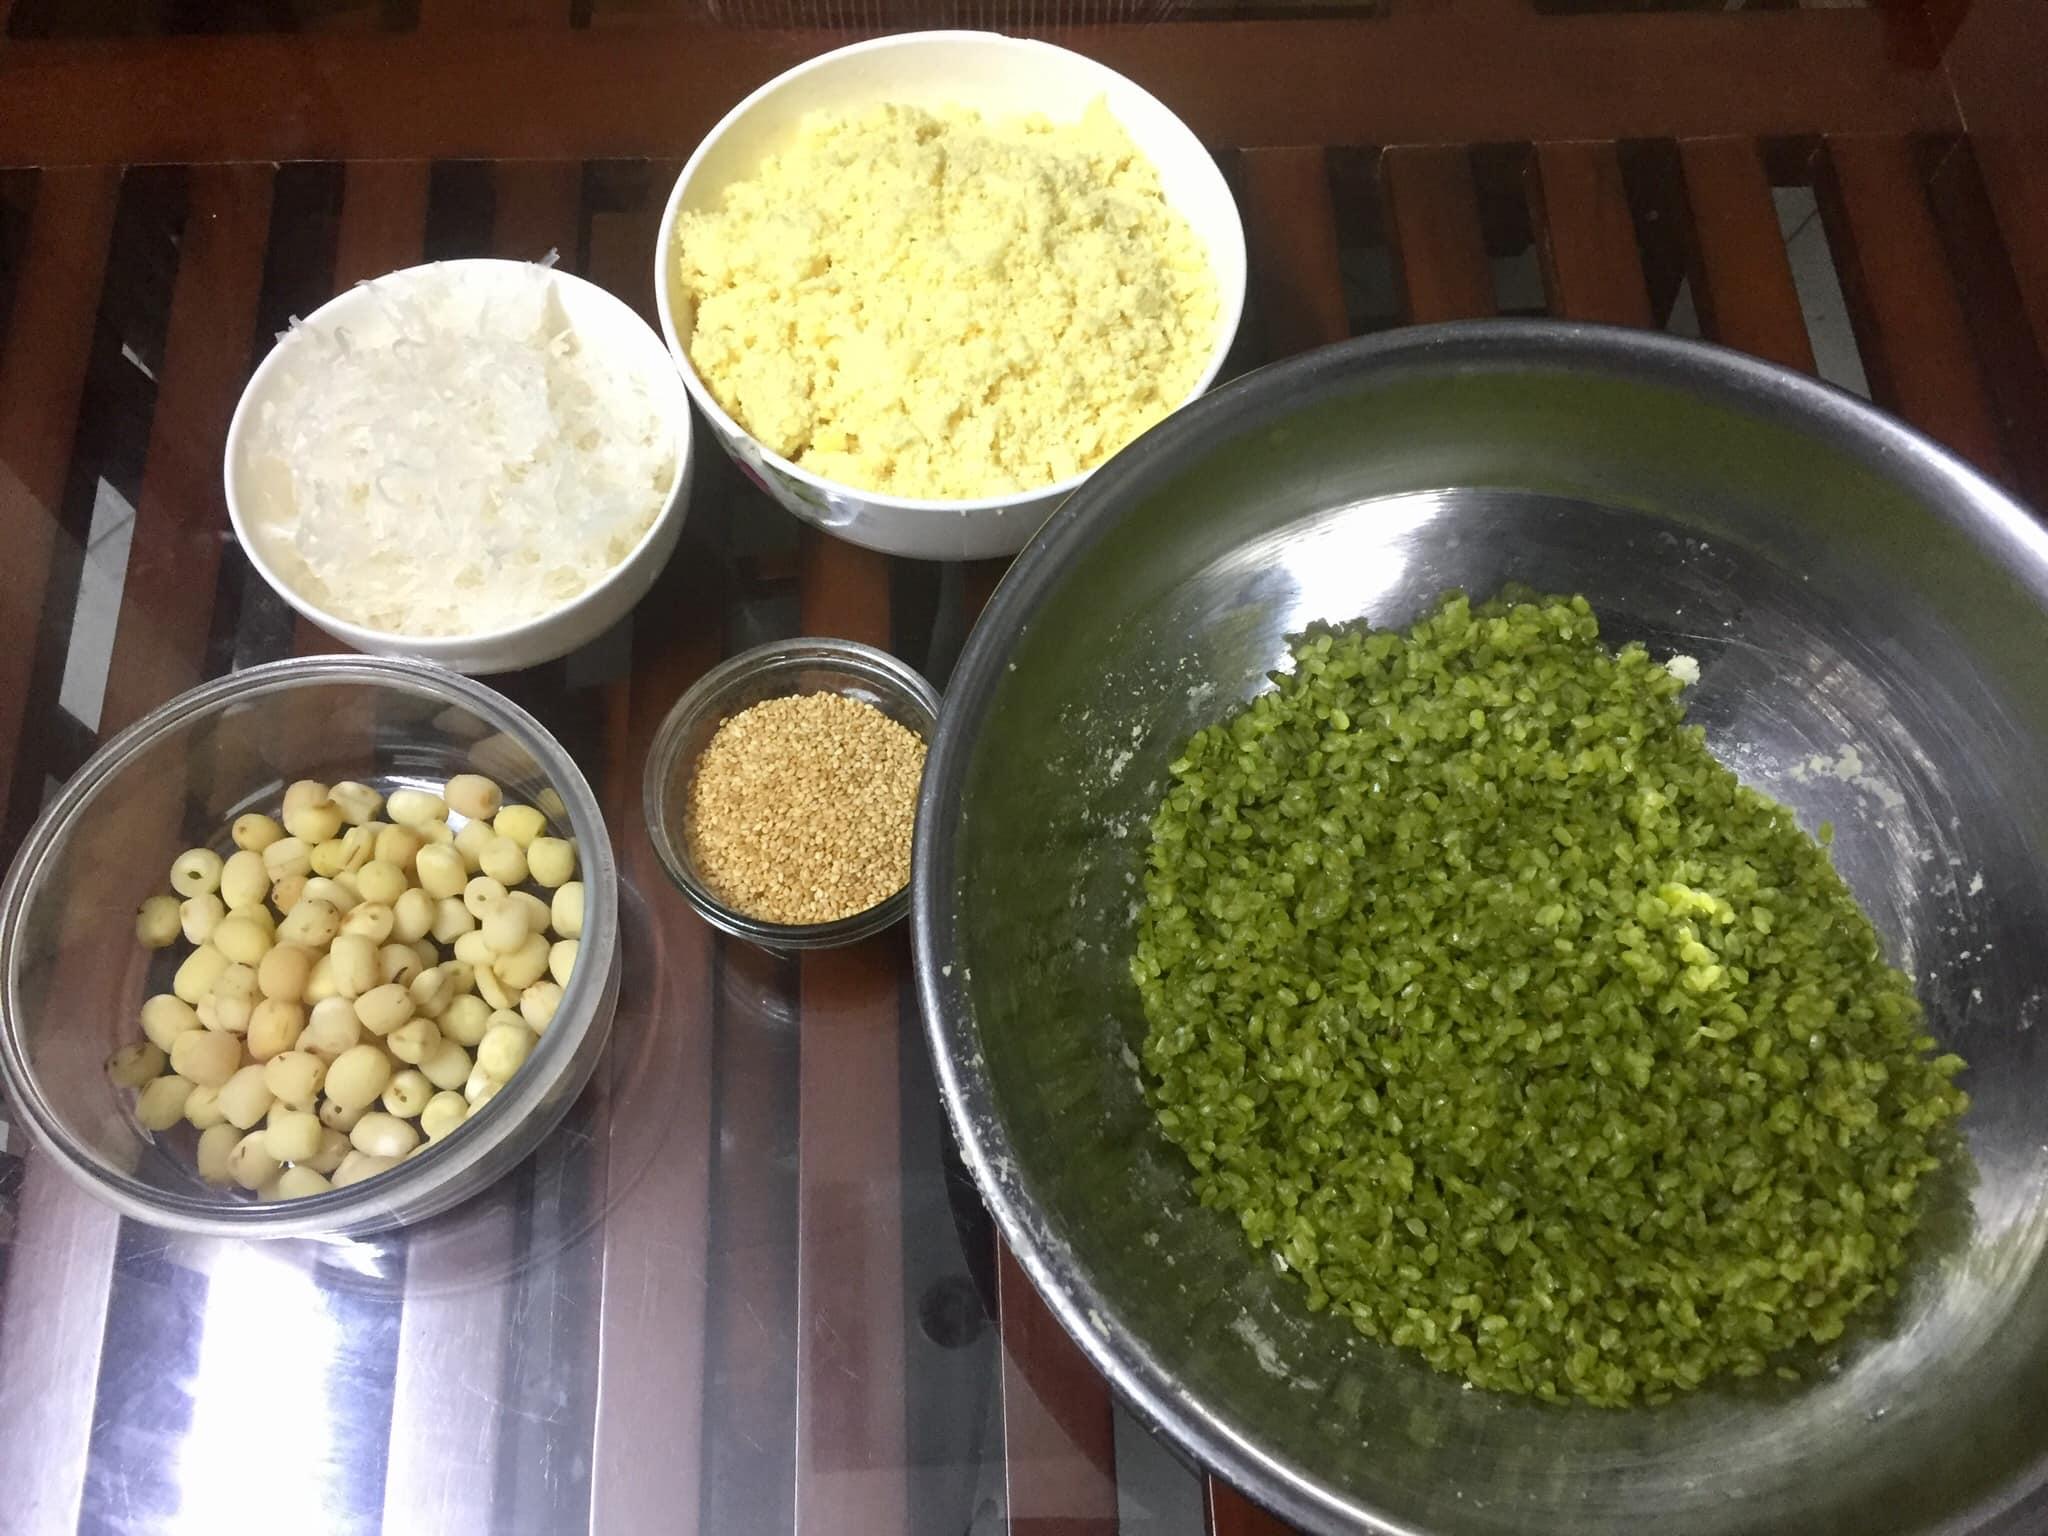 cách làm xôi cốm 5 cách làm xôi cốm Cách làm xôi cốm thơm dẻo hương vị quê hương cach lam xoi com 5